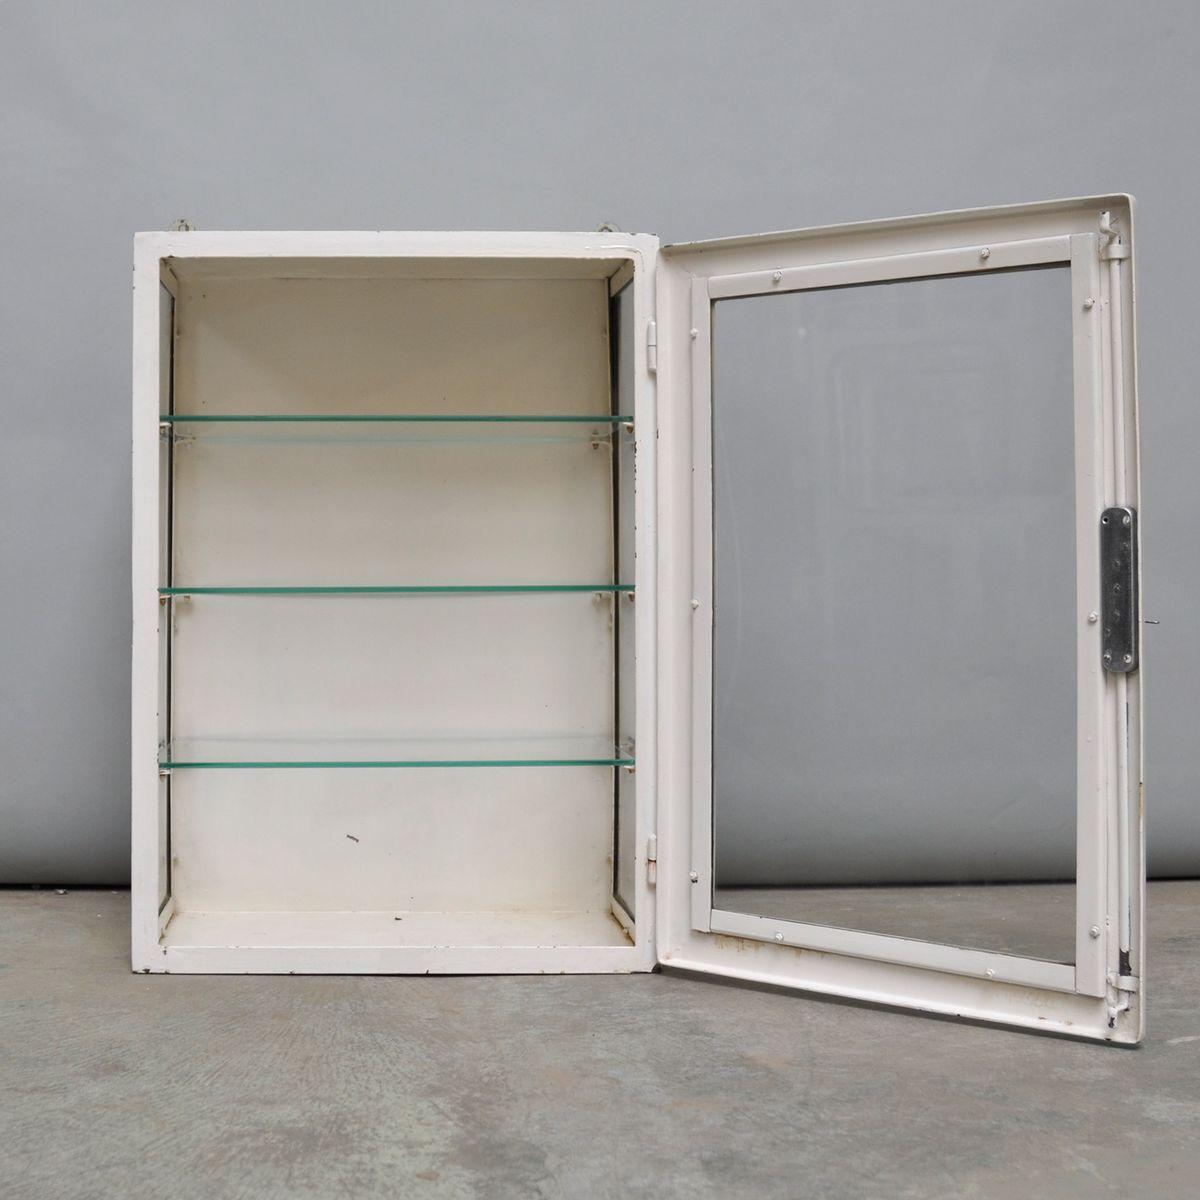 Petit meuble de rangement medical suspendu 1960s en vente sur pamono - Meubles petites oppervlakken ...